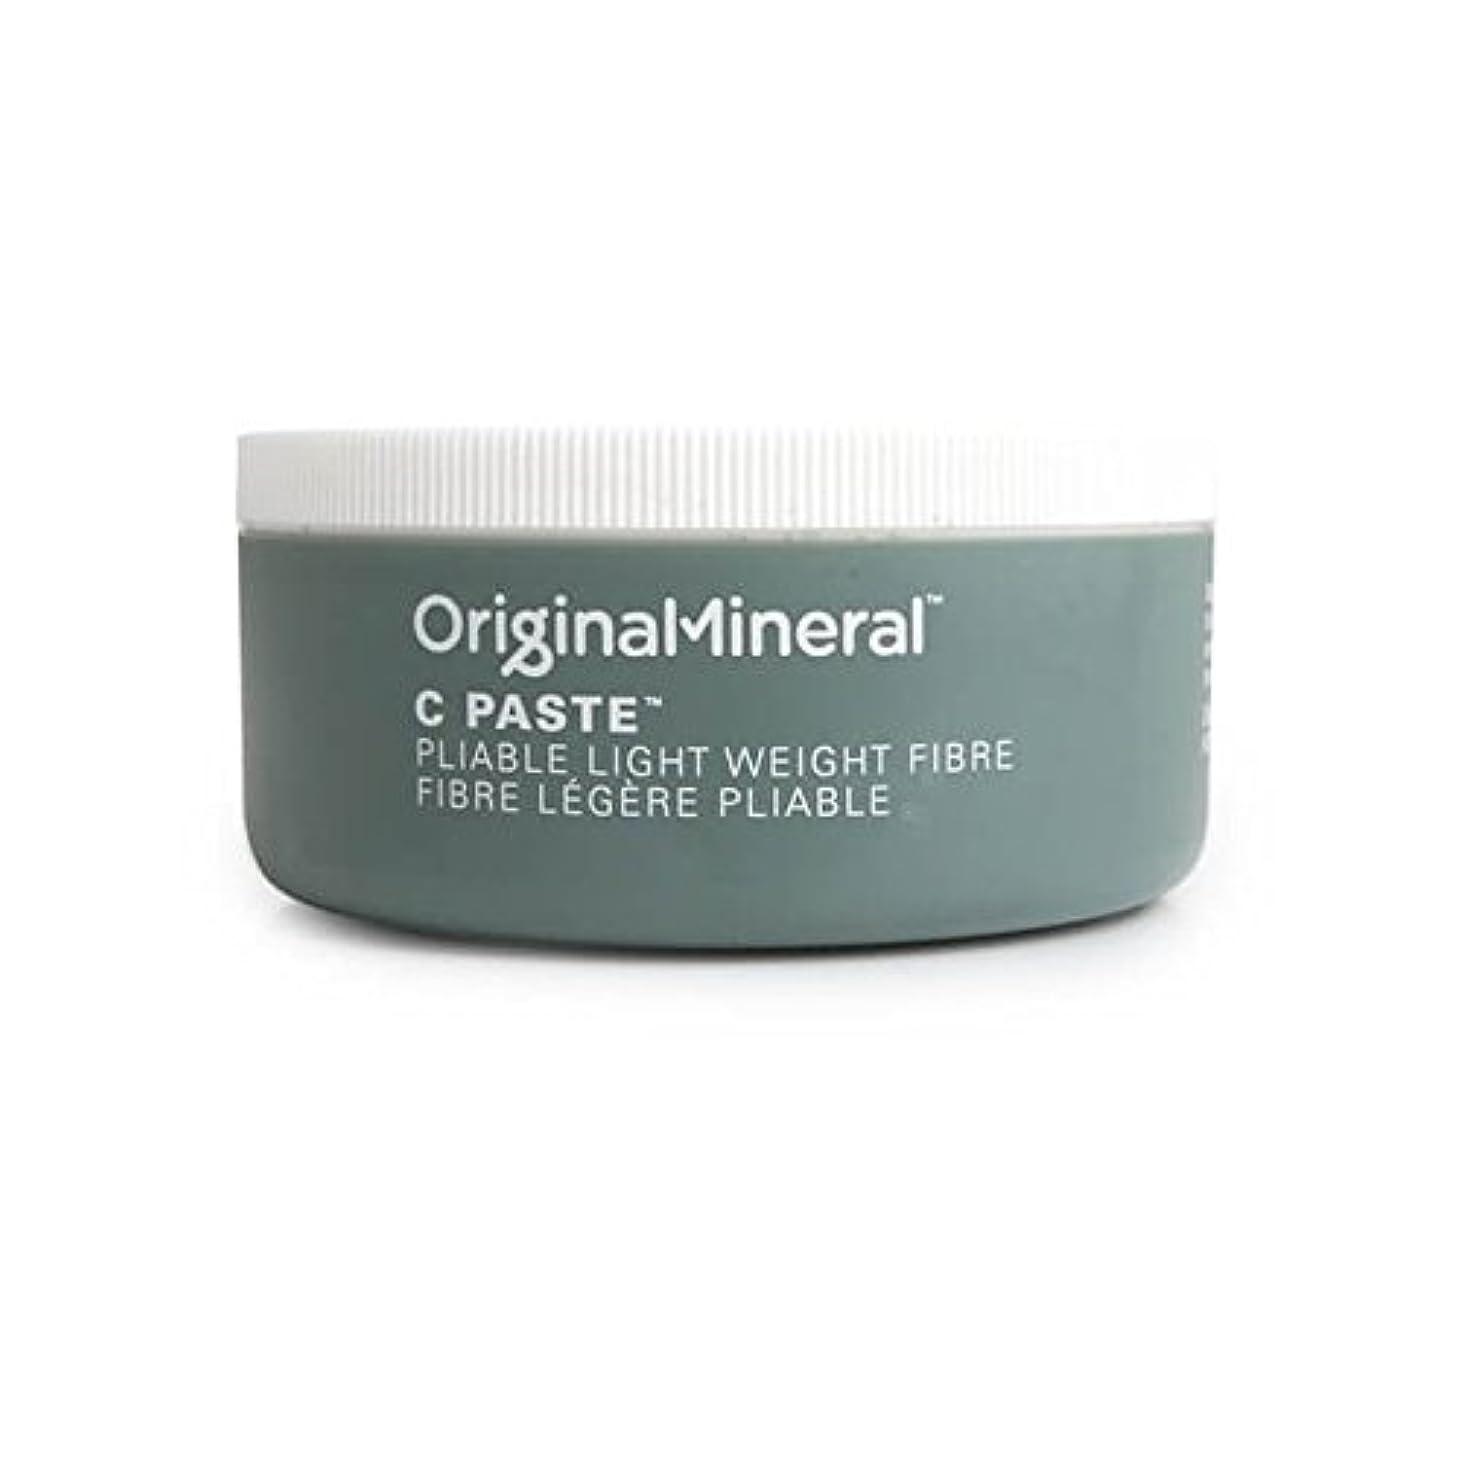 感度マークダウン返還オリジナル&ミネラルの-ペーストヘアワックス(100グラム) x4 - Original & Mineral C-Paste Hair Wax (100G) (Pack of 4) [並行輸入品]